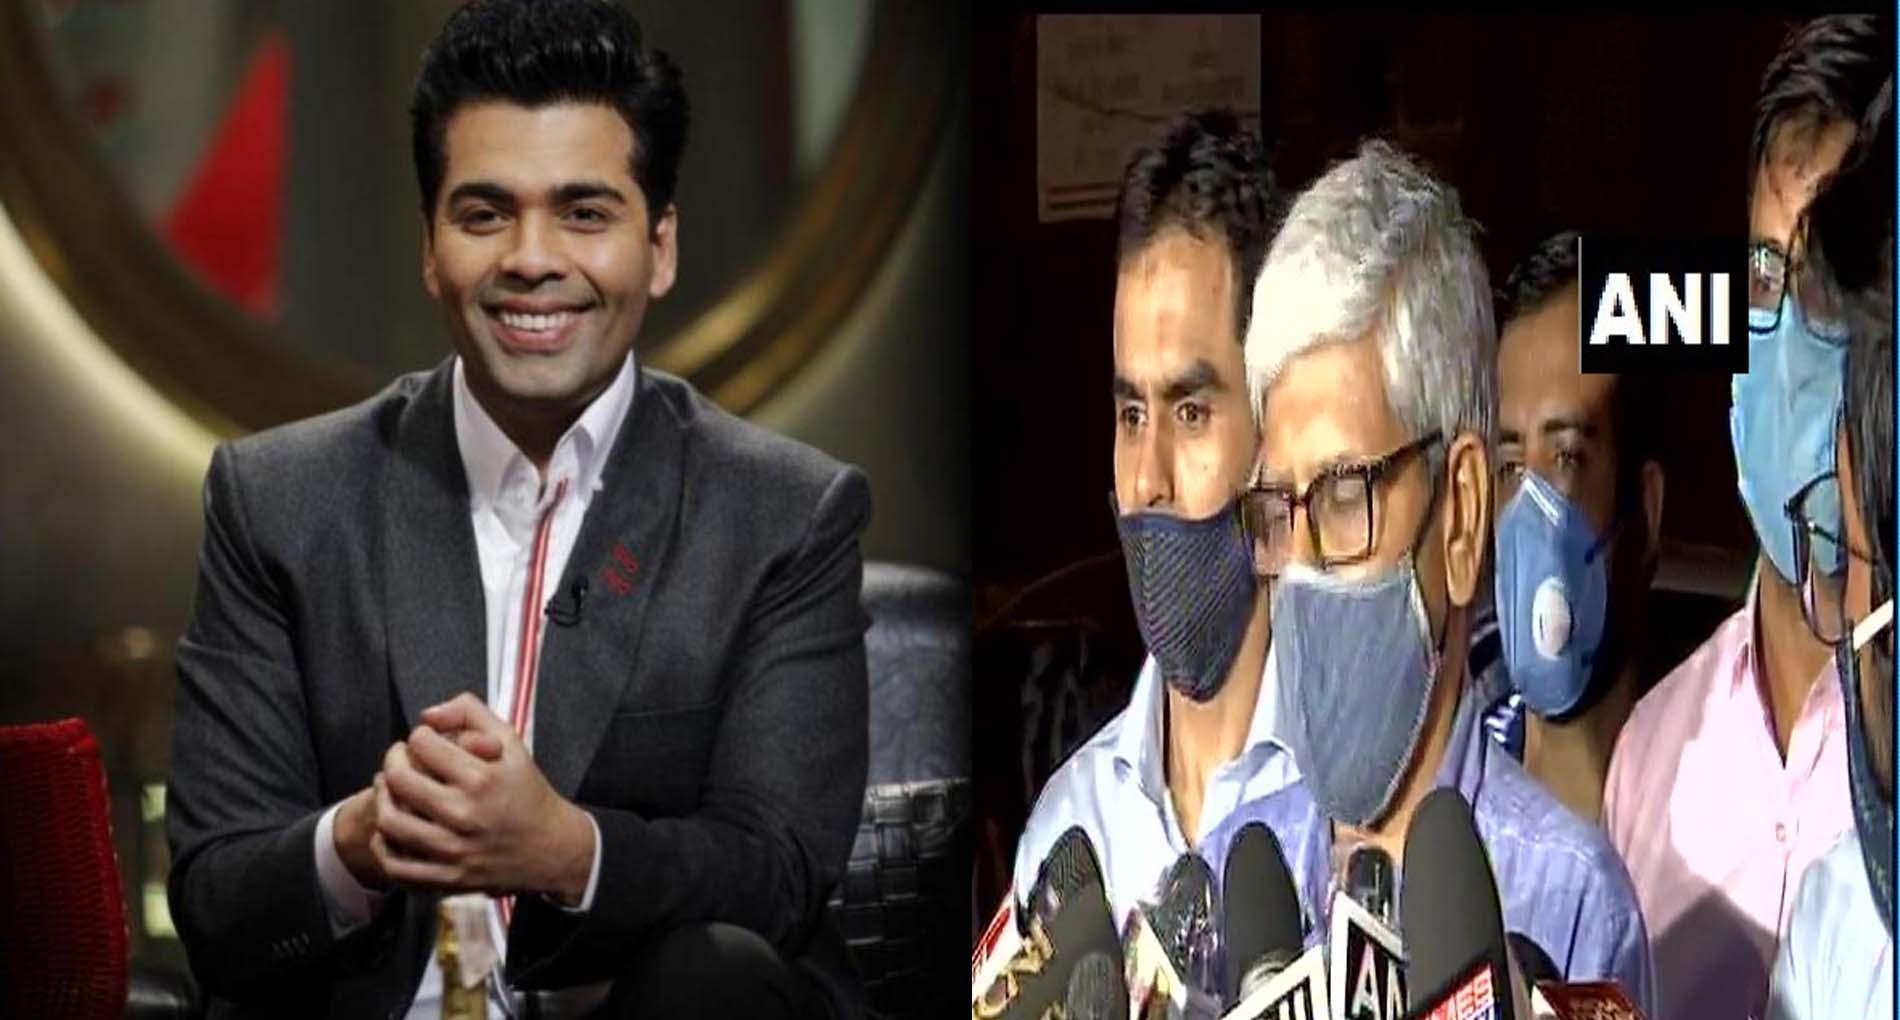 करण जौहर की पार्टी वीडियो को लेकर NCB डिप्टी DG का बड़ा बयान, कहा- इस केस से कोई लेना देना नहीं